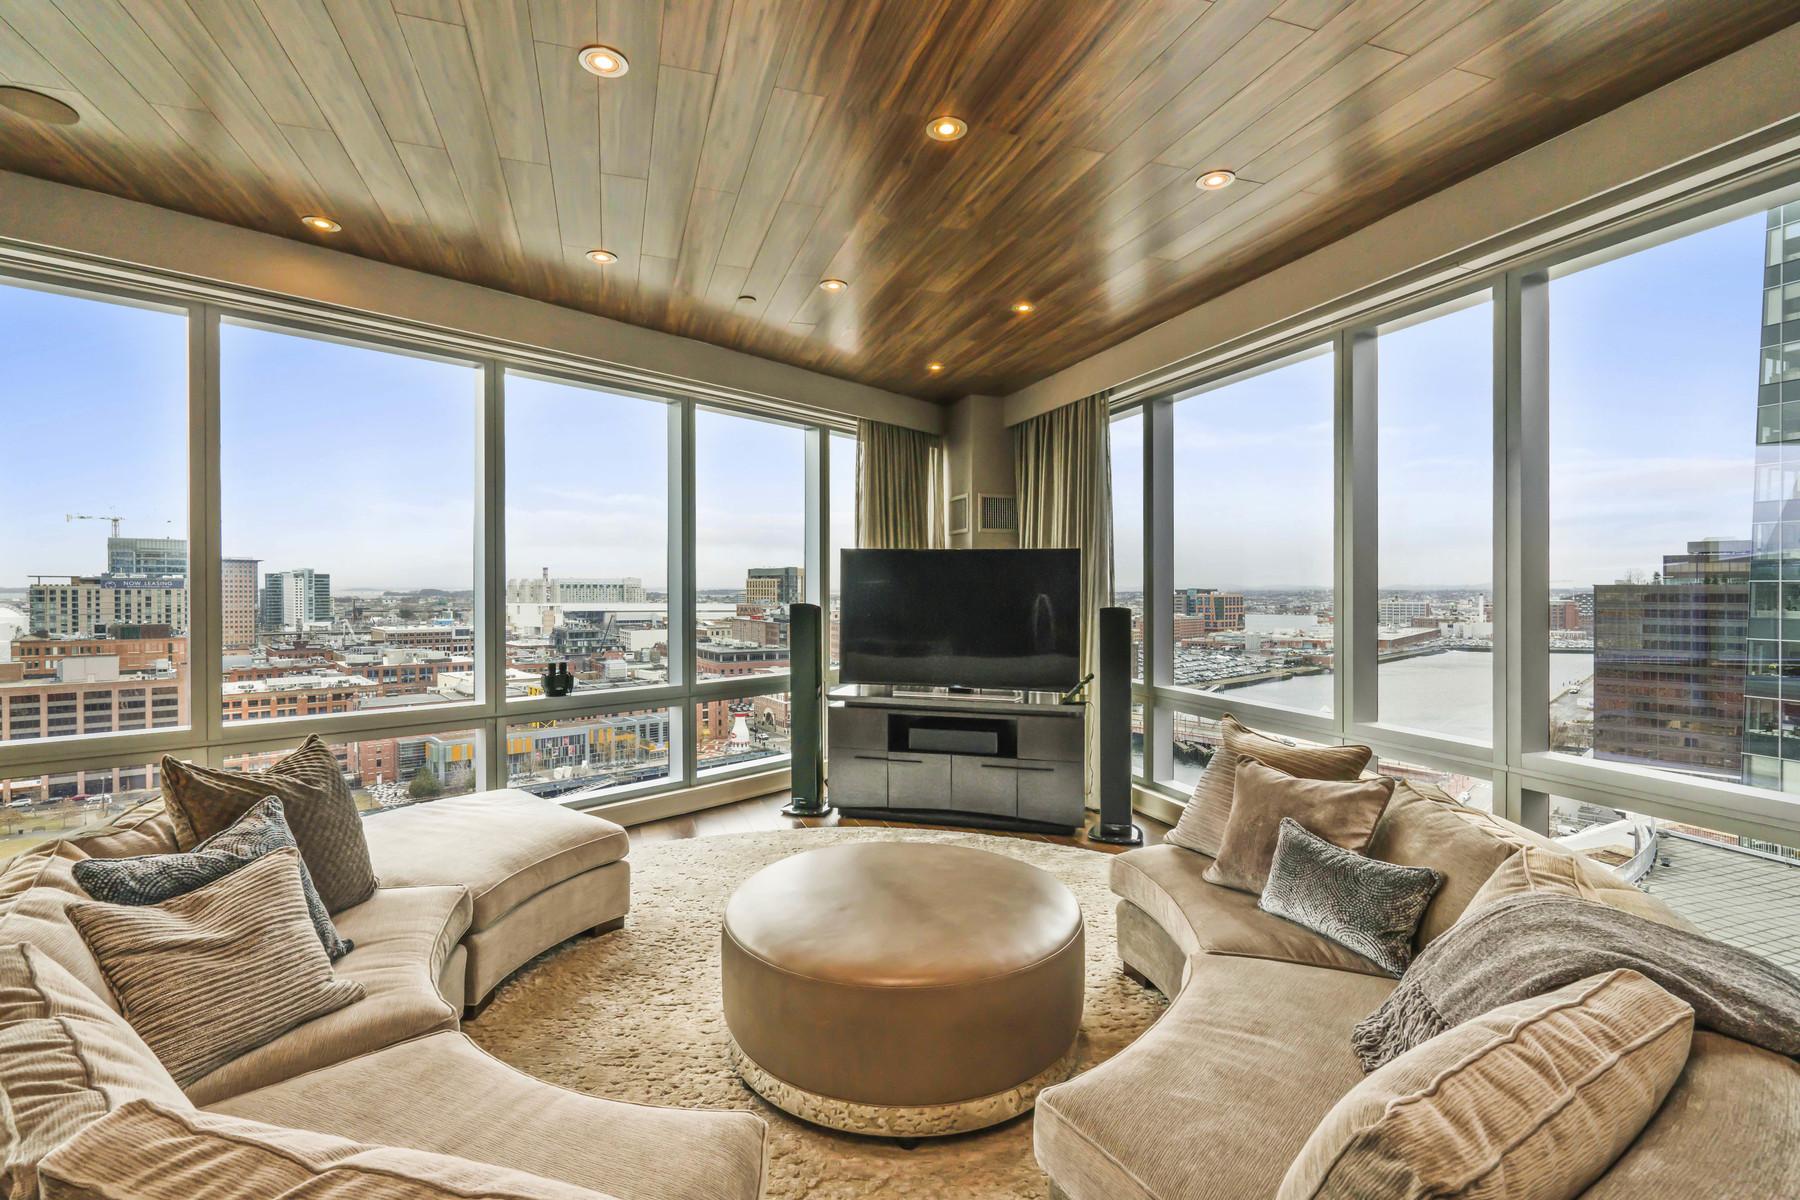 Appartement en copropriété pour l Vente à Magnficient Harbor Views From Every Room Of This Luxury Condo 500 Atlantic Avenue Unit 16K Waterfront, Boston, Massachusetts, 02210 États-Unis